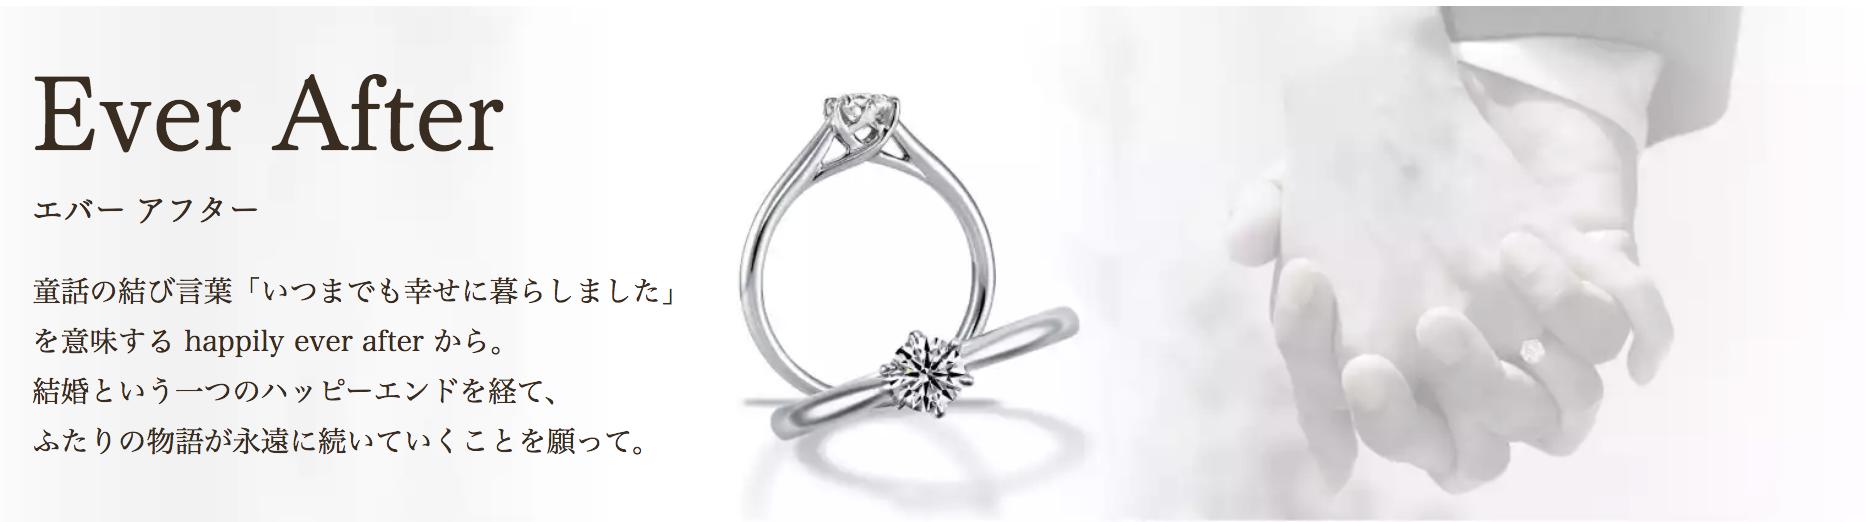 ダイヤモンドシライシストーリーリング